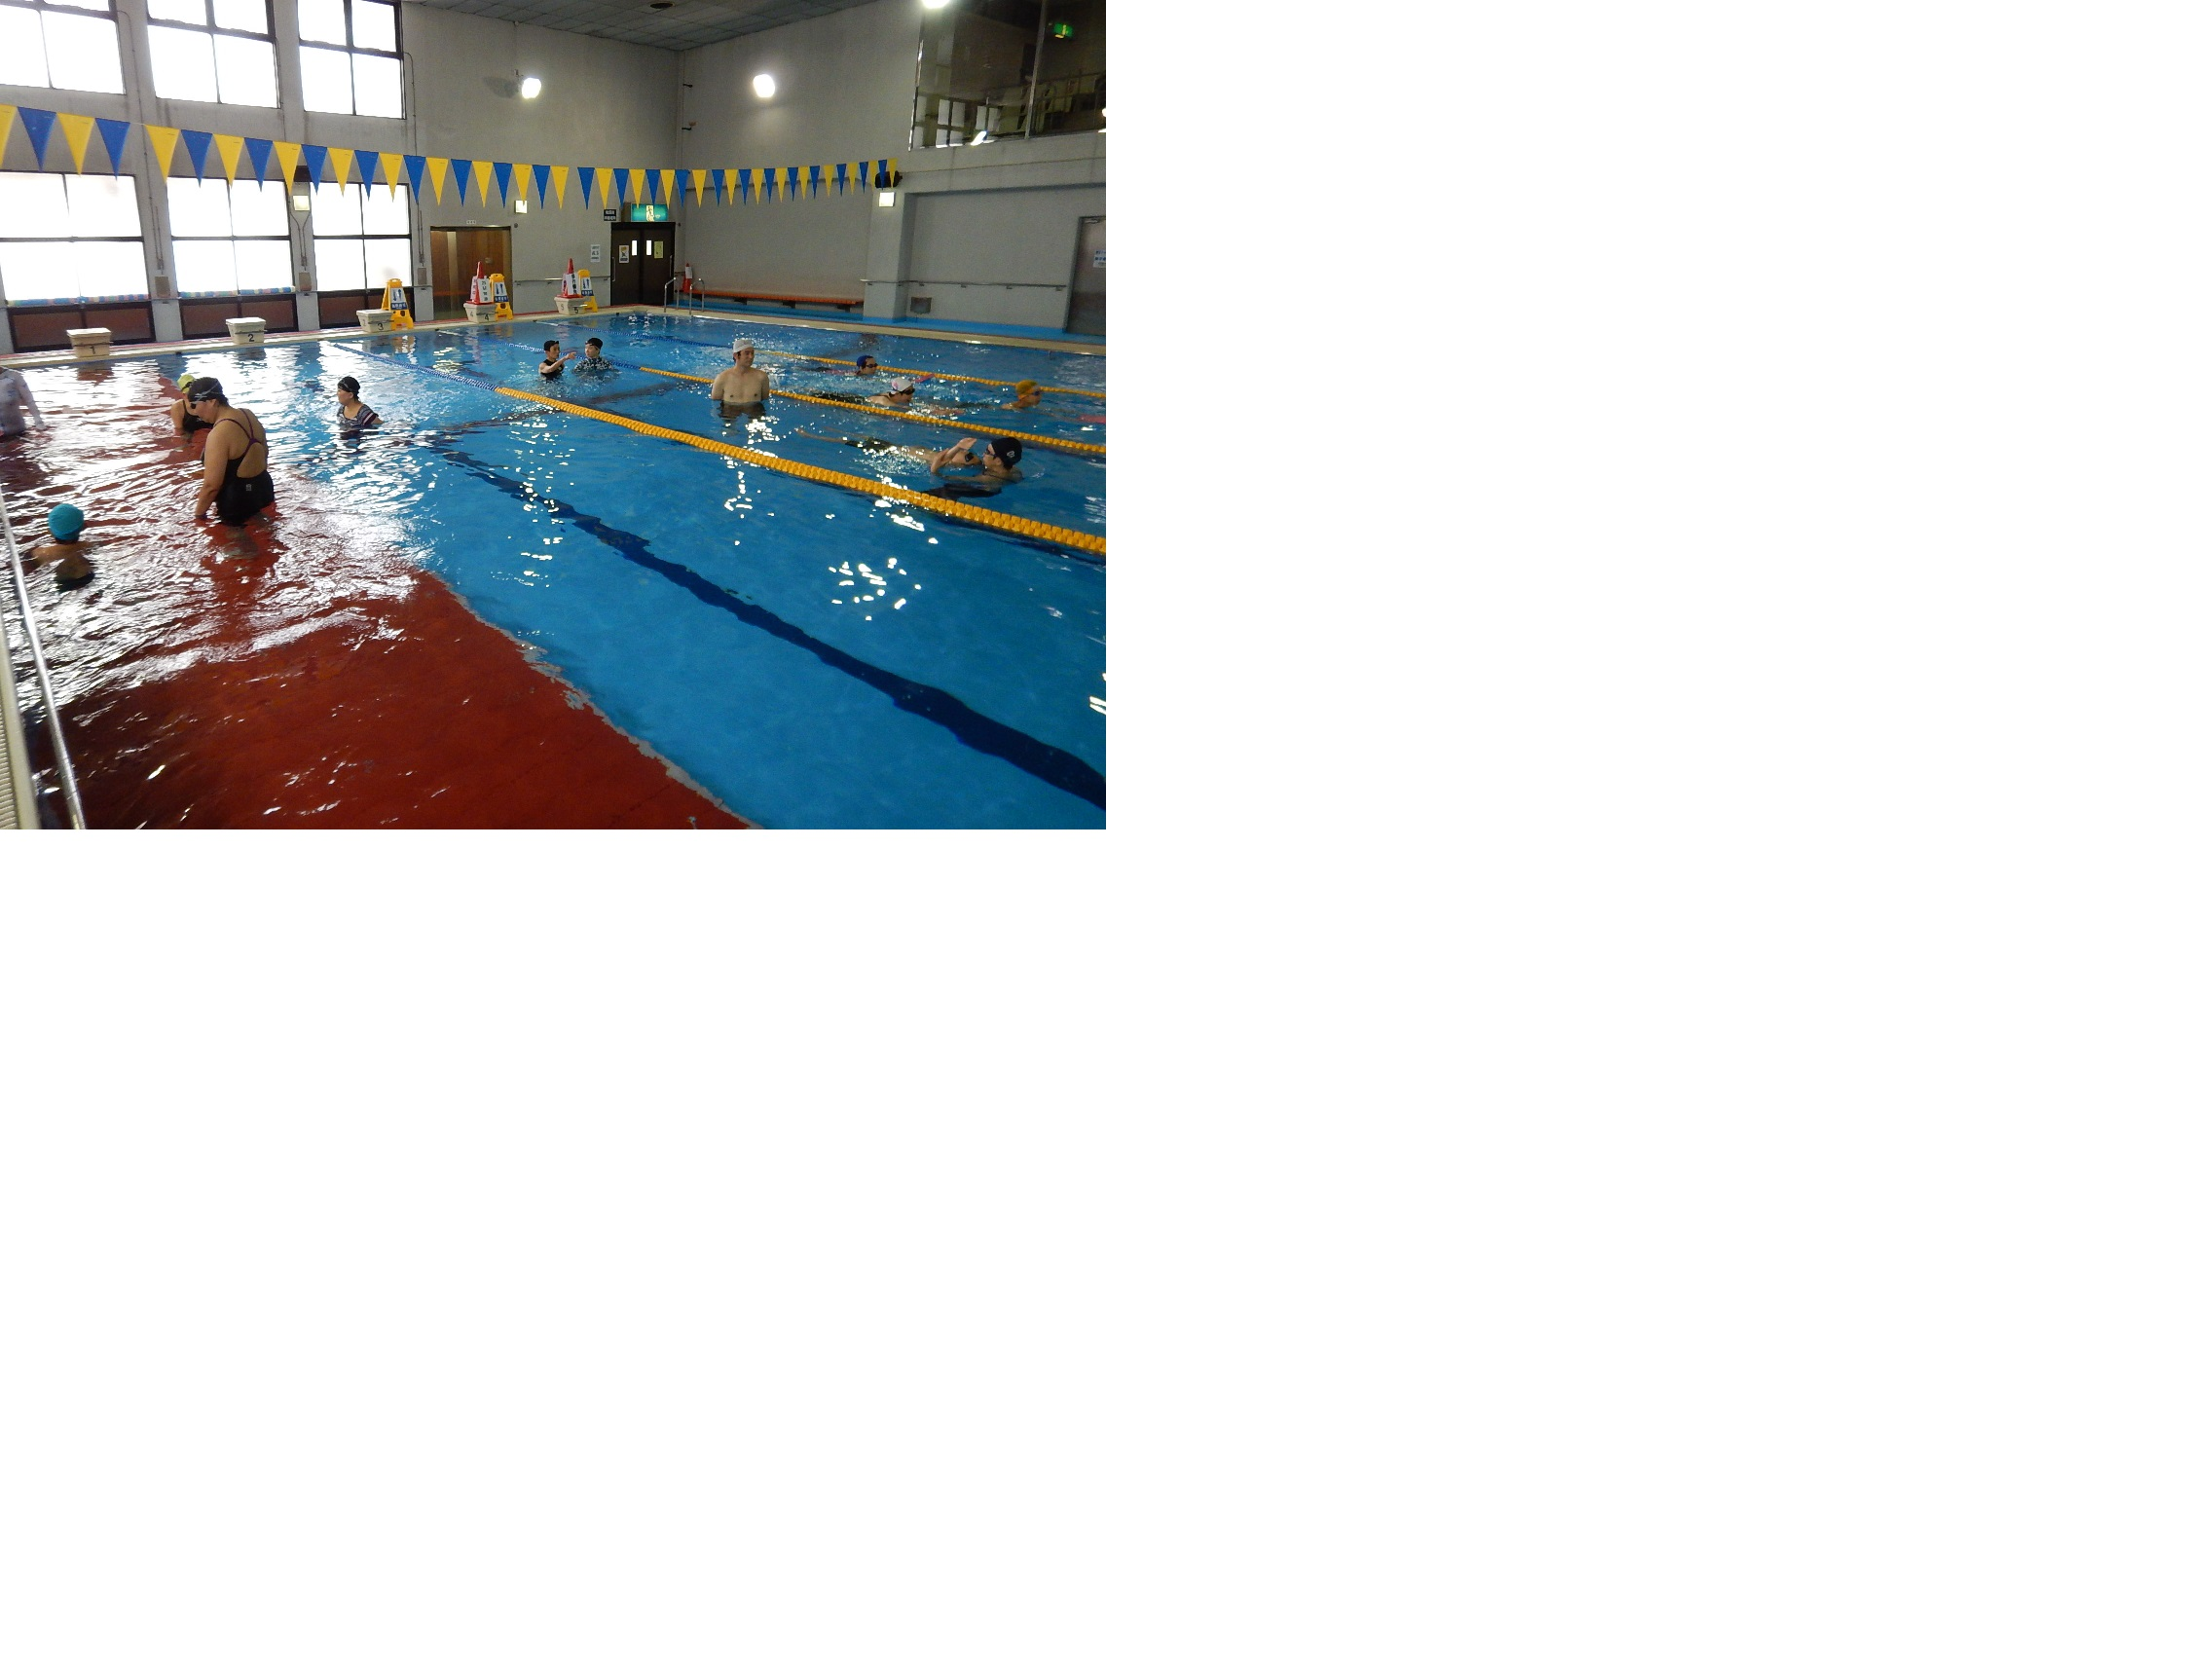 一人ひとり、一生懸命練習しました!泳ぎました!